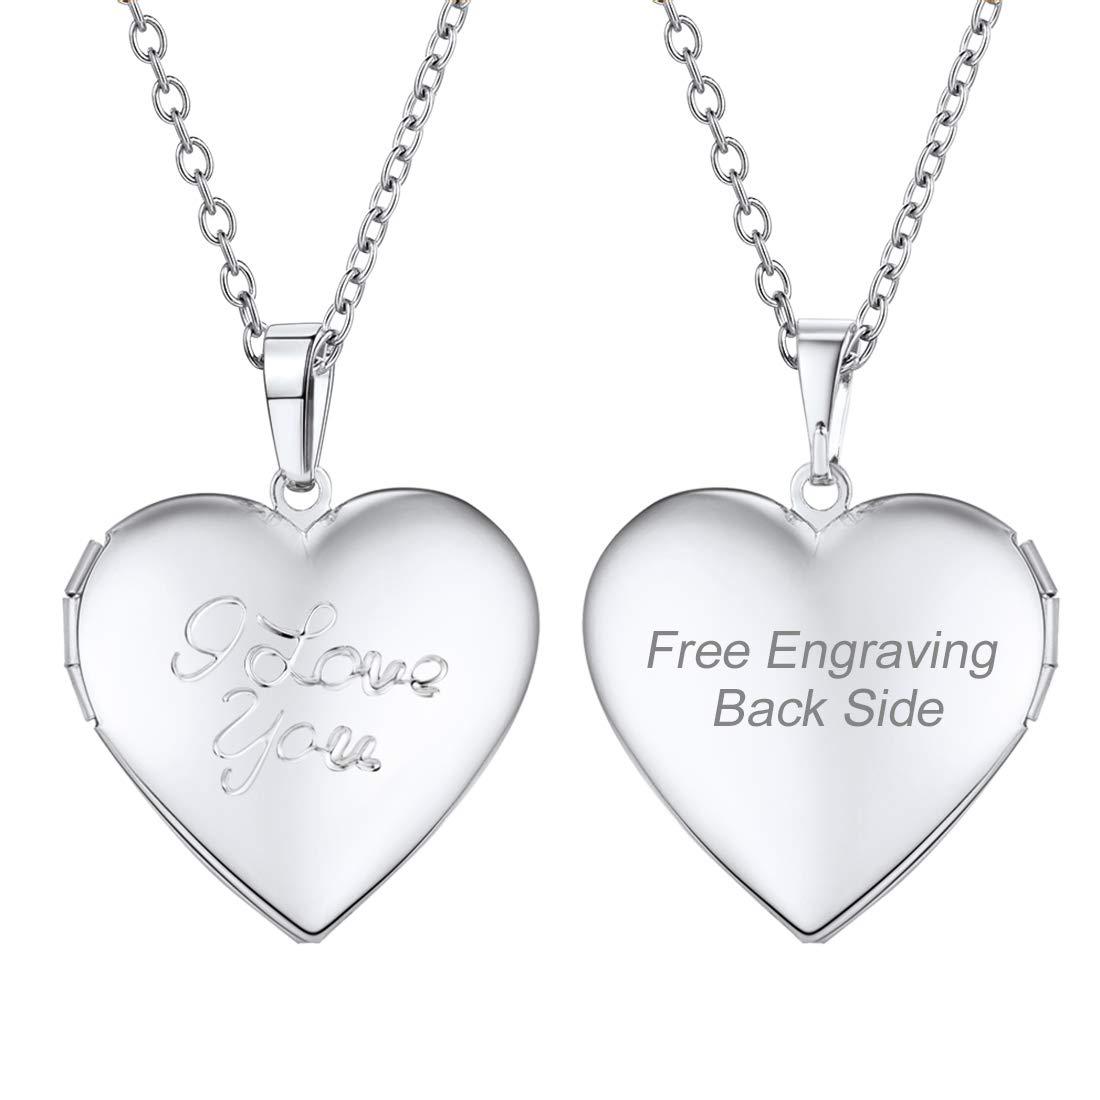 DiamondJewelryNY Sterling Silver Heart//Guardian Angel Pendant